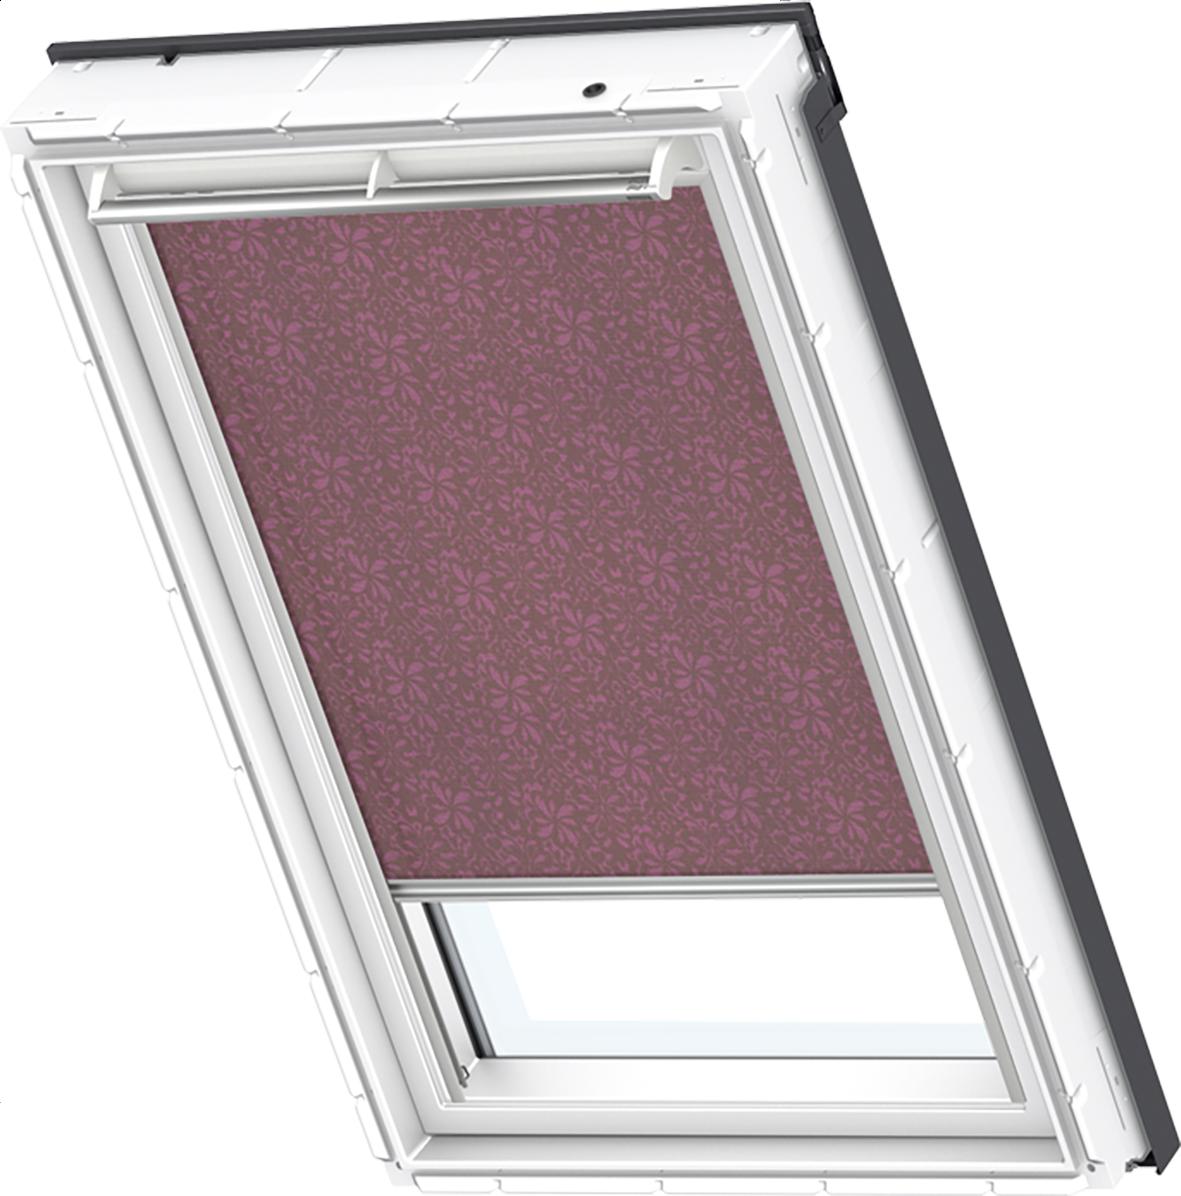 Original Original Original VELUX Sichtschutzrollo Farbe 4155 4156 4158 GGL GPL GHL GGU GPU GHU | Niedriger Preis und gute Qualität  82b5f4